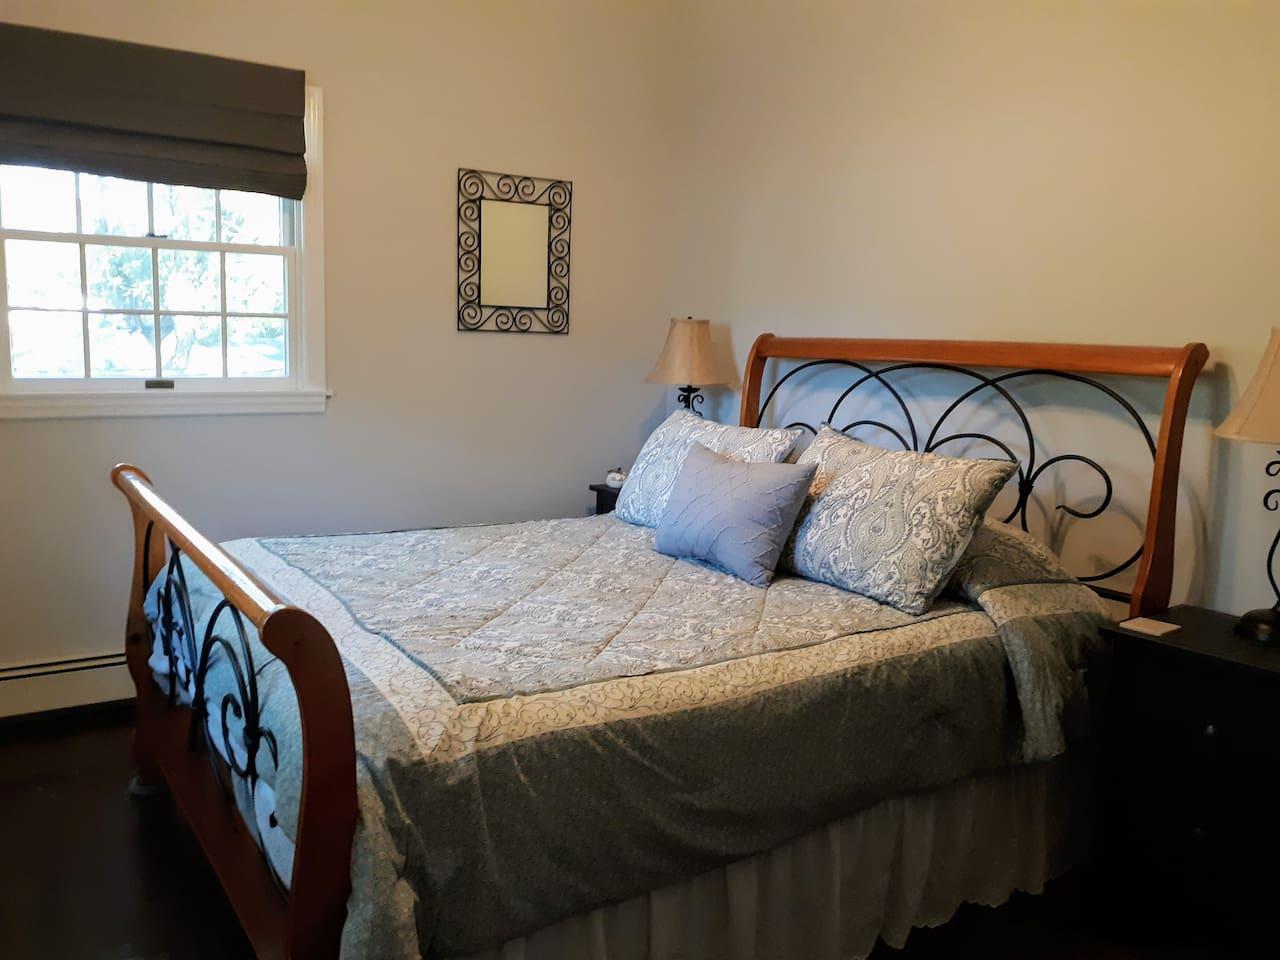 Cozy Queen size bed